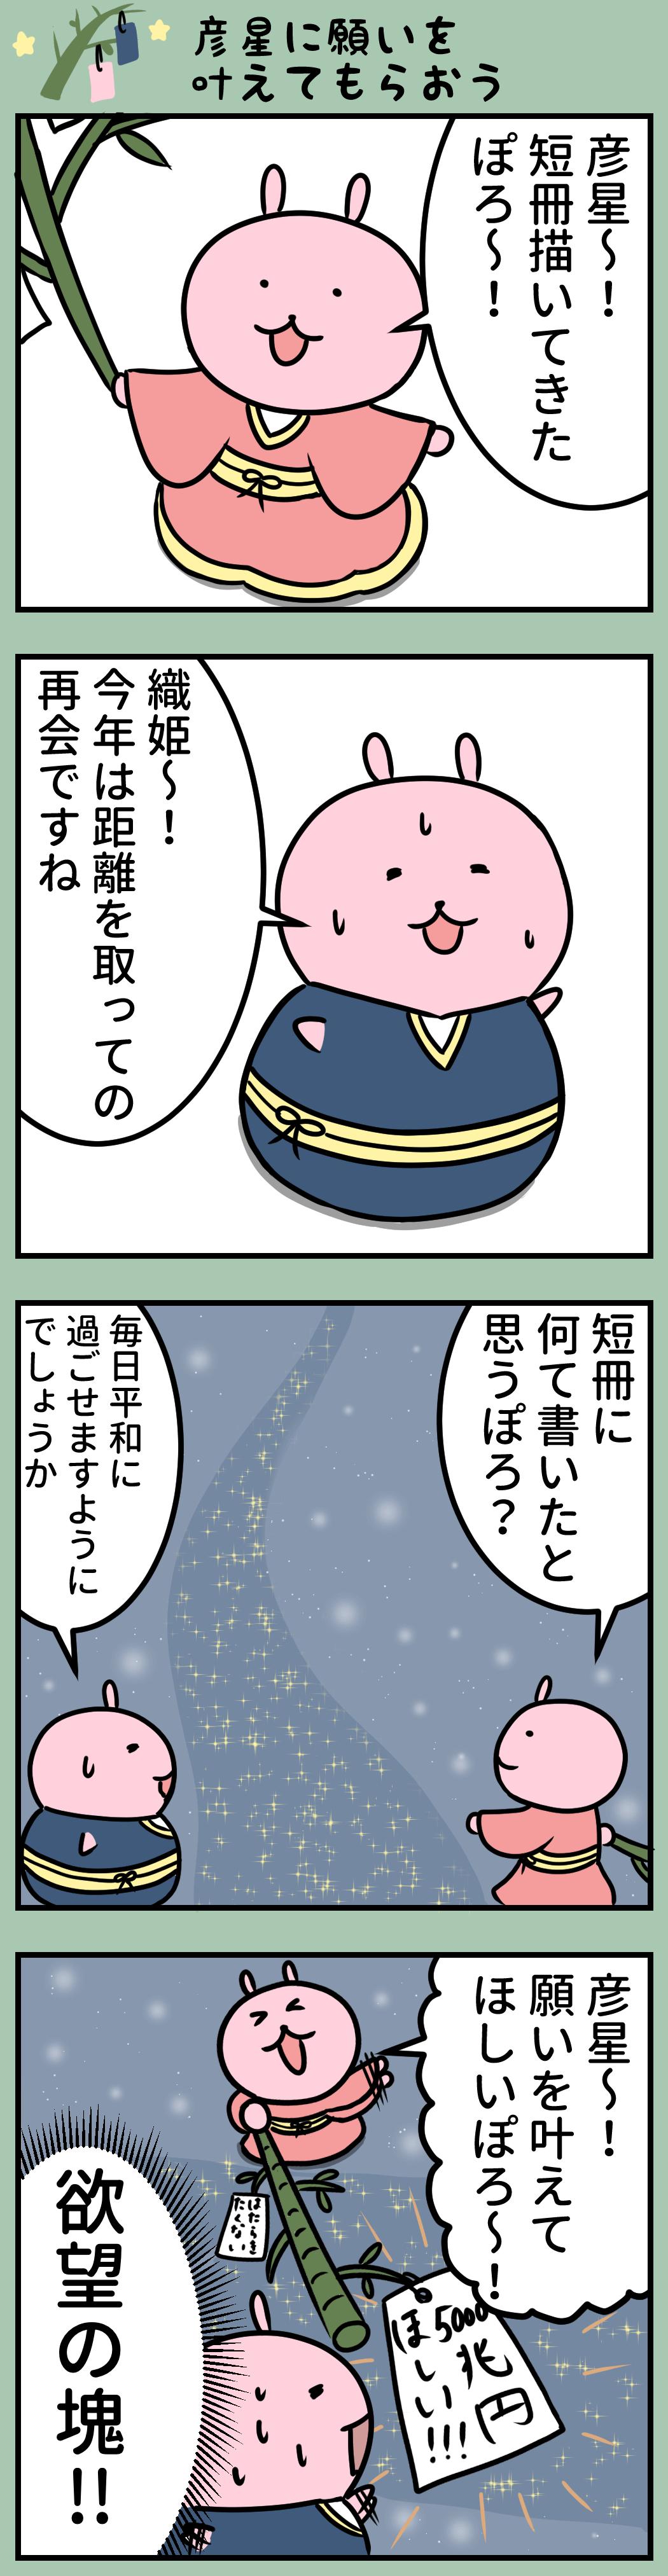 七夕 イラスト 漫画 短冊 願いごと